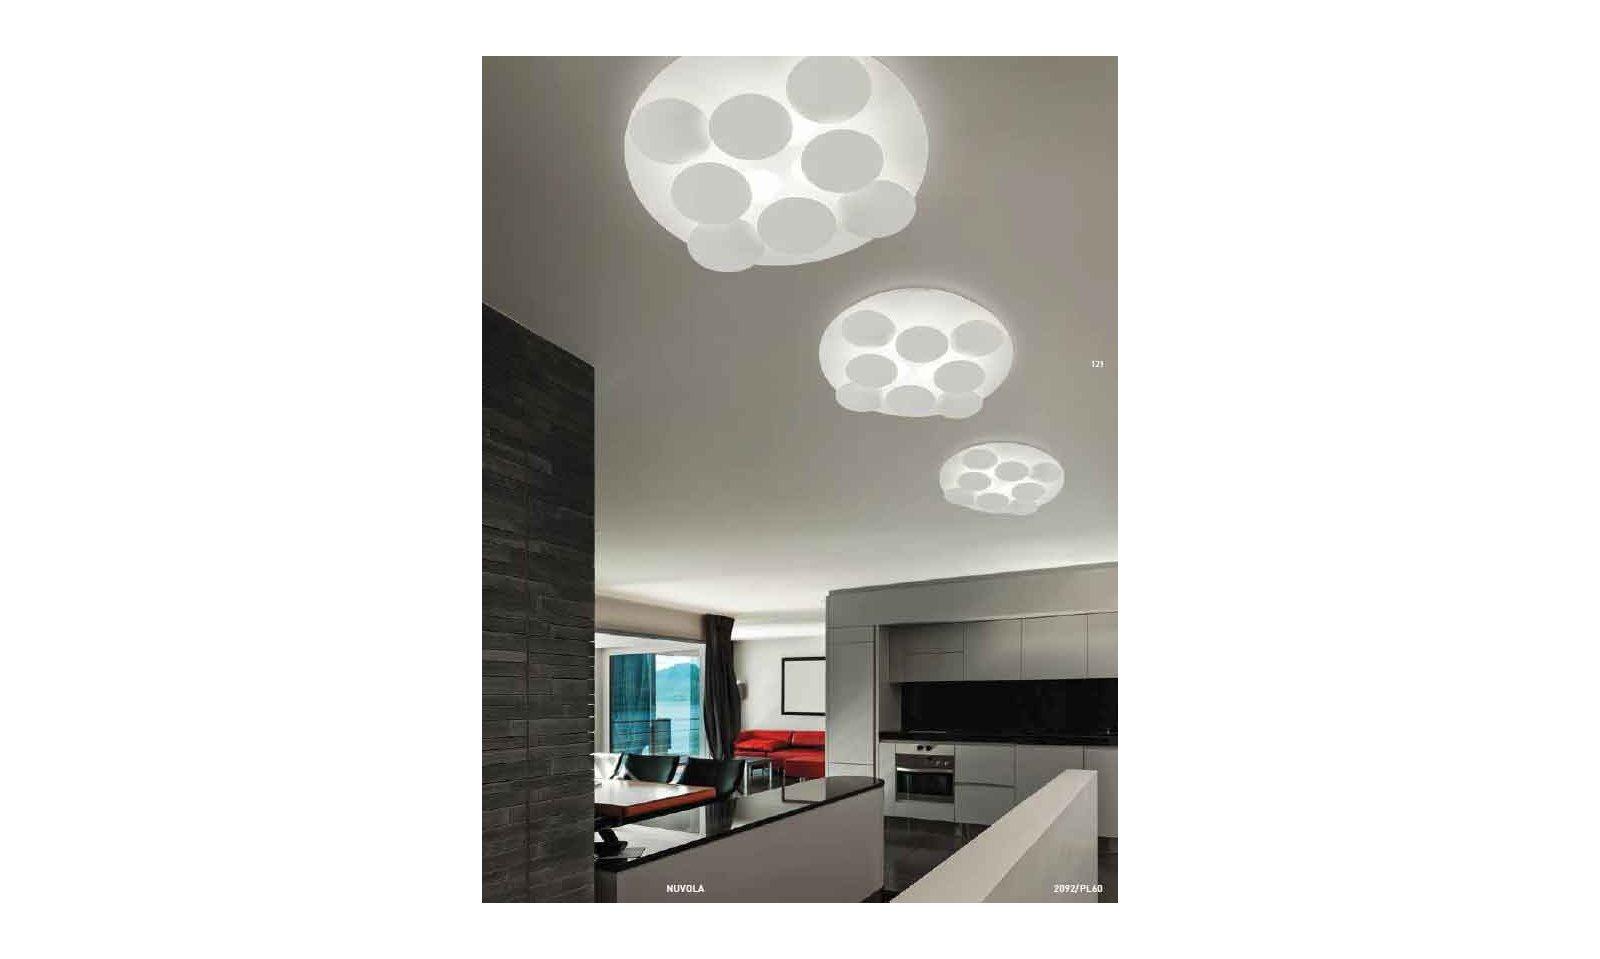 Plafoniere A Led Per Camerette : Plafoniera nuvola lampada mozia fontanaarte diffusore vetro